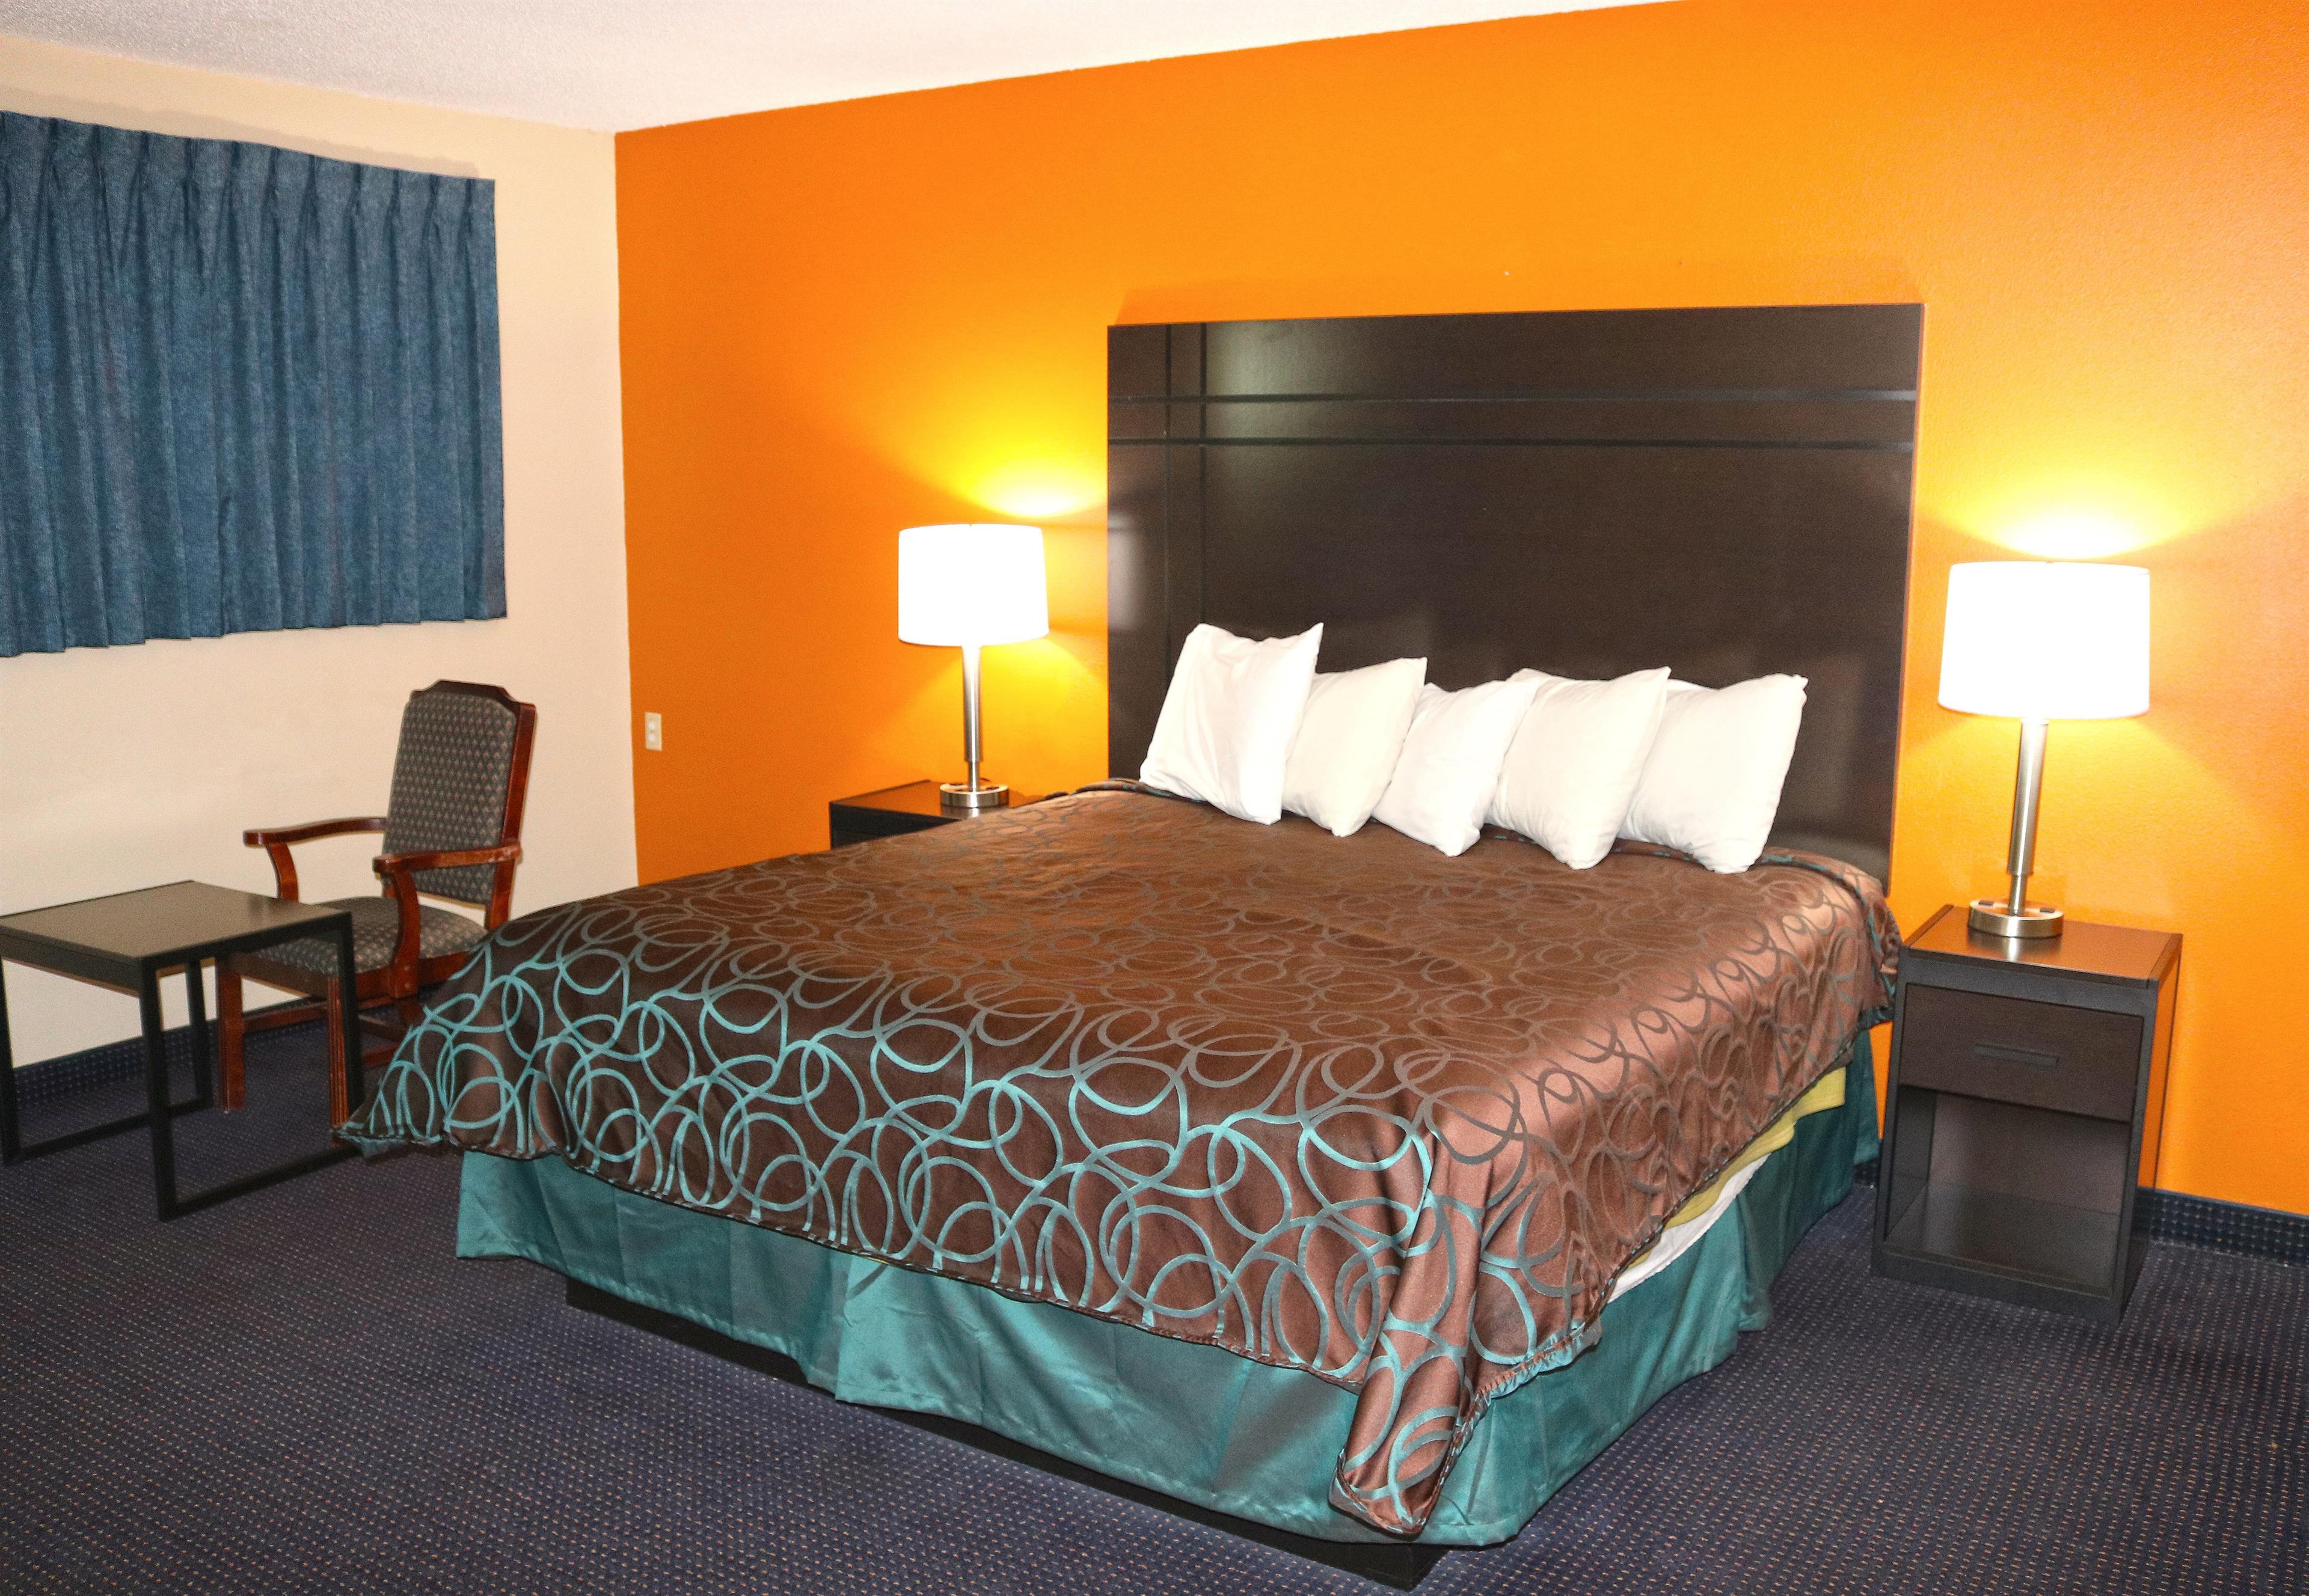 Americas Best Value Inn - Giddings image 4